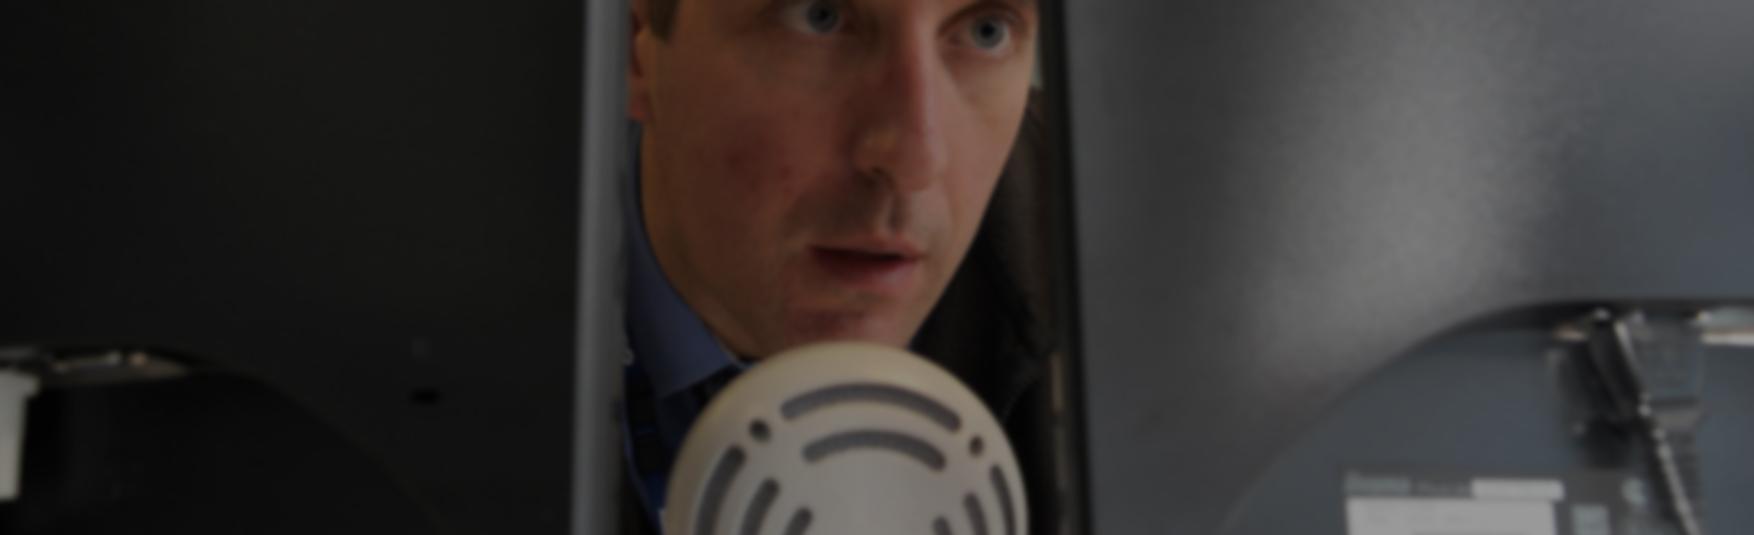 Farsight remote monitoring